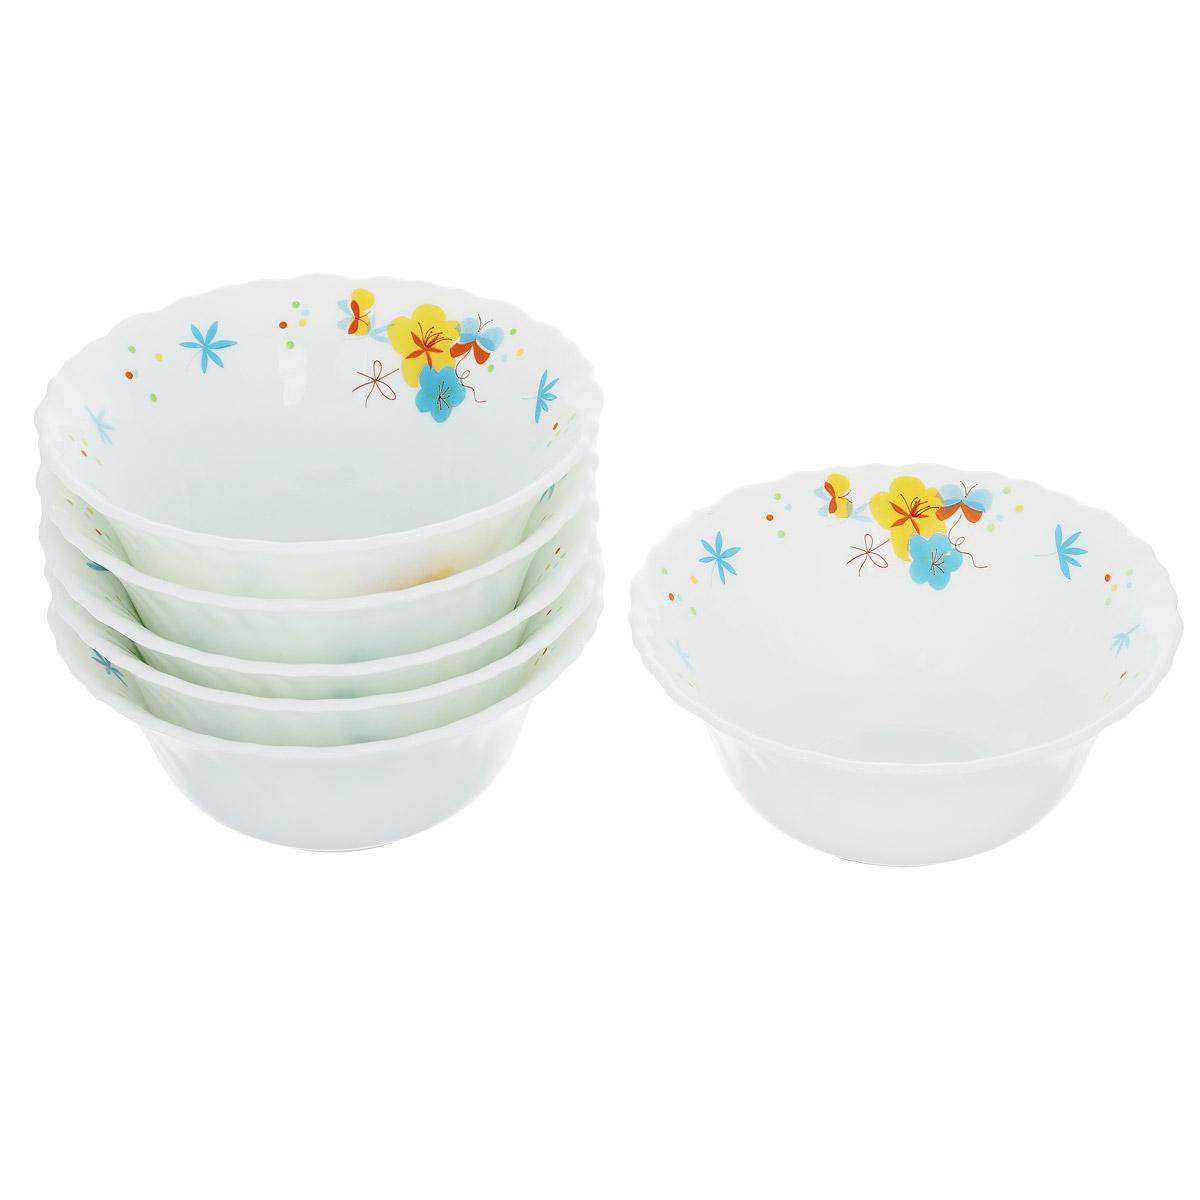 Набор салатников Цветочки, диаметр 13 см, 6 штGR1861ЯГДНабор салатников Цветочки, выполненный из стекла, будет уместен на любой кухне и понравится каждой хозяйке. В набор входят шесть салатников, украшенных принтом в виде цветов и бабочек и фигурными краями. Они сочетают в себе изысканный дизайн с максимальной функциональностью. Такой набор салатников придется по вкусу и ценителям классики, и тем, кто предпочитает утонченность и изящность.